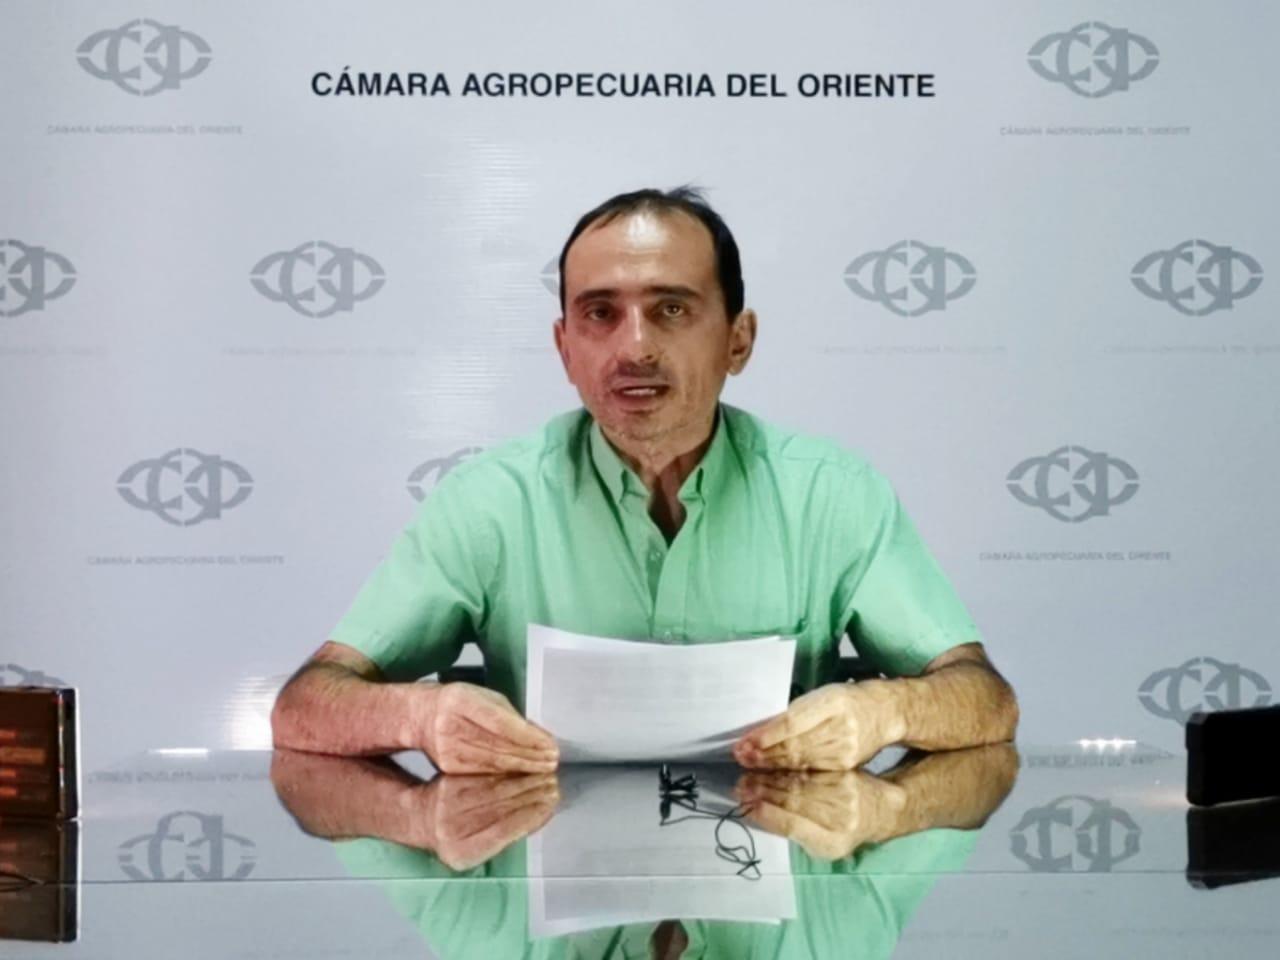 La CAO rechaza el manejo político del proceso agrario